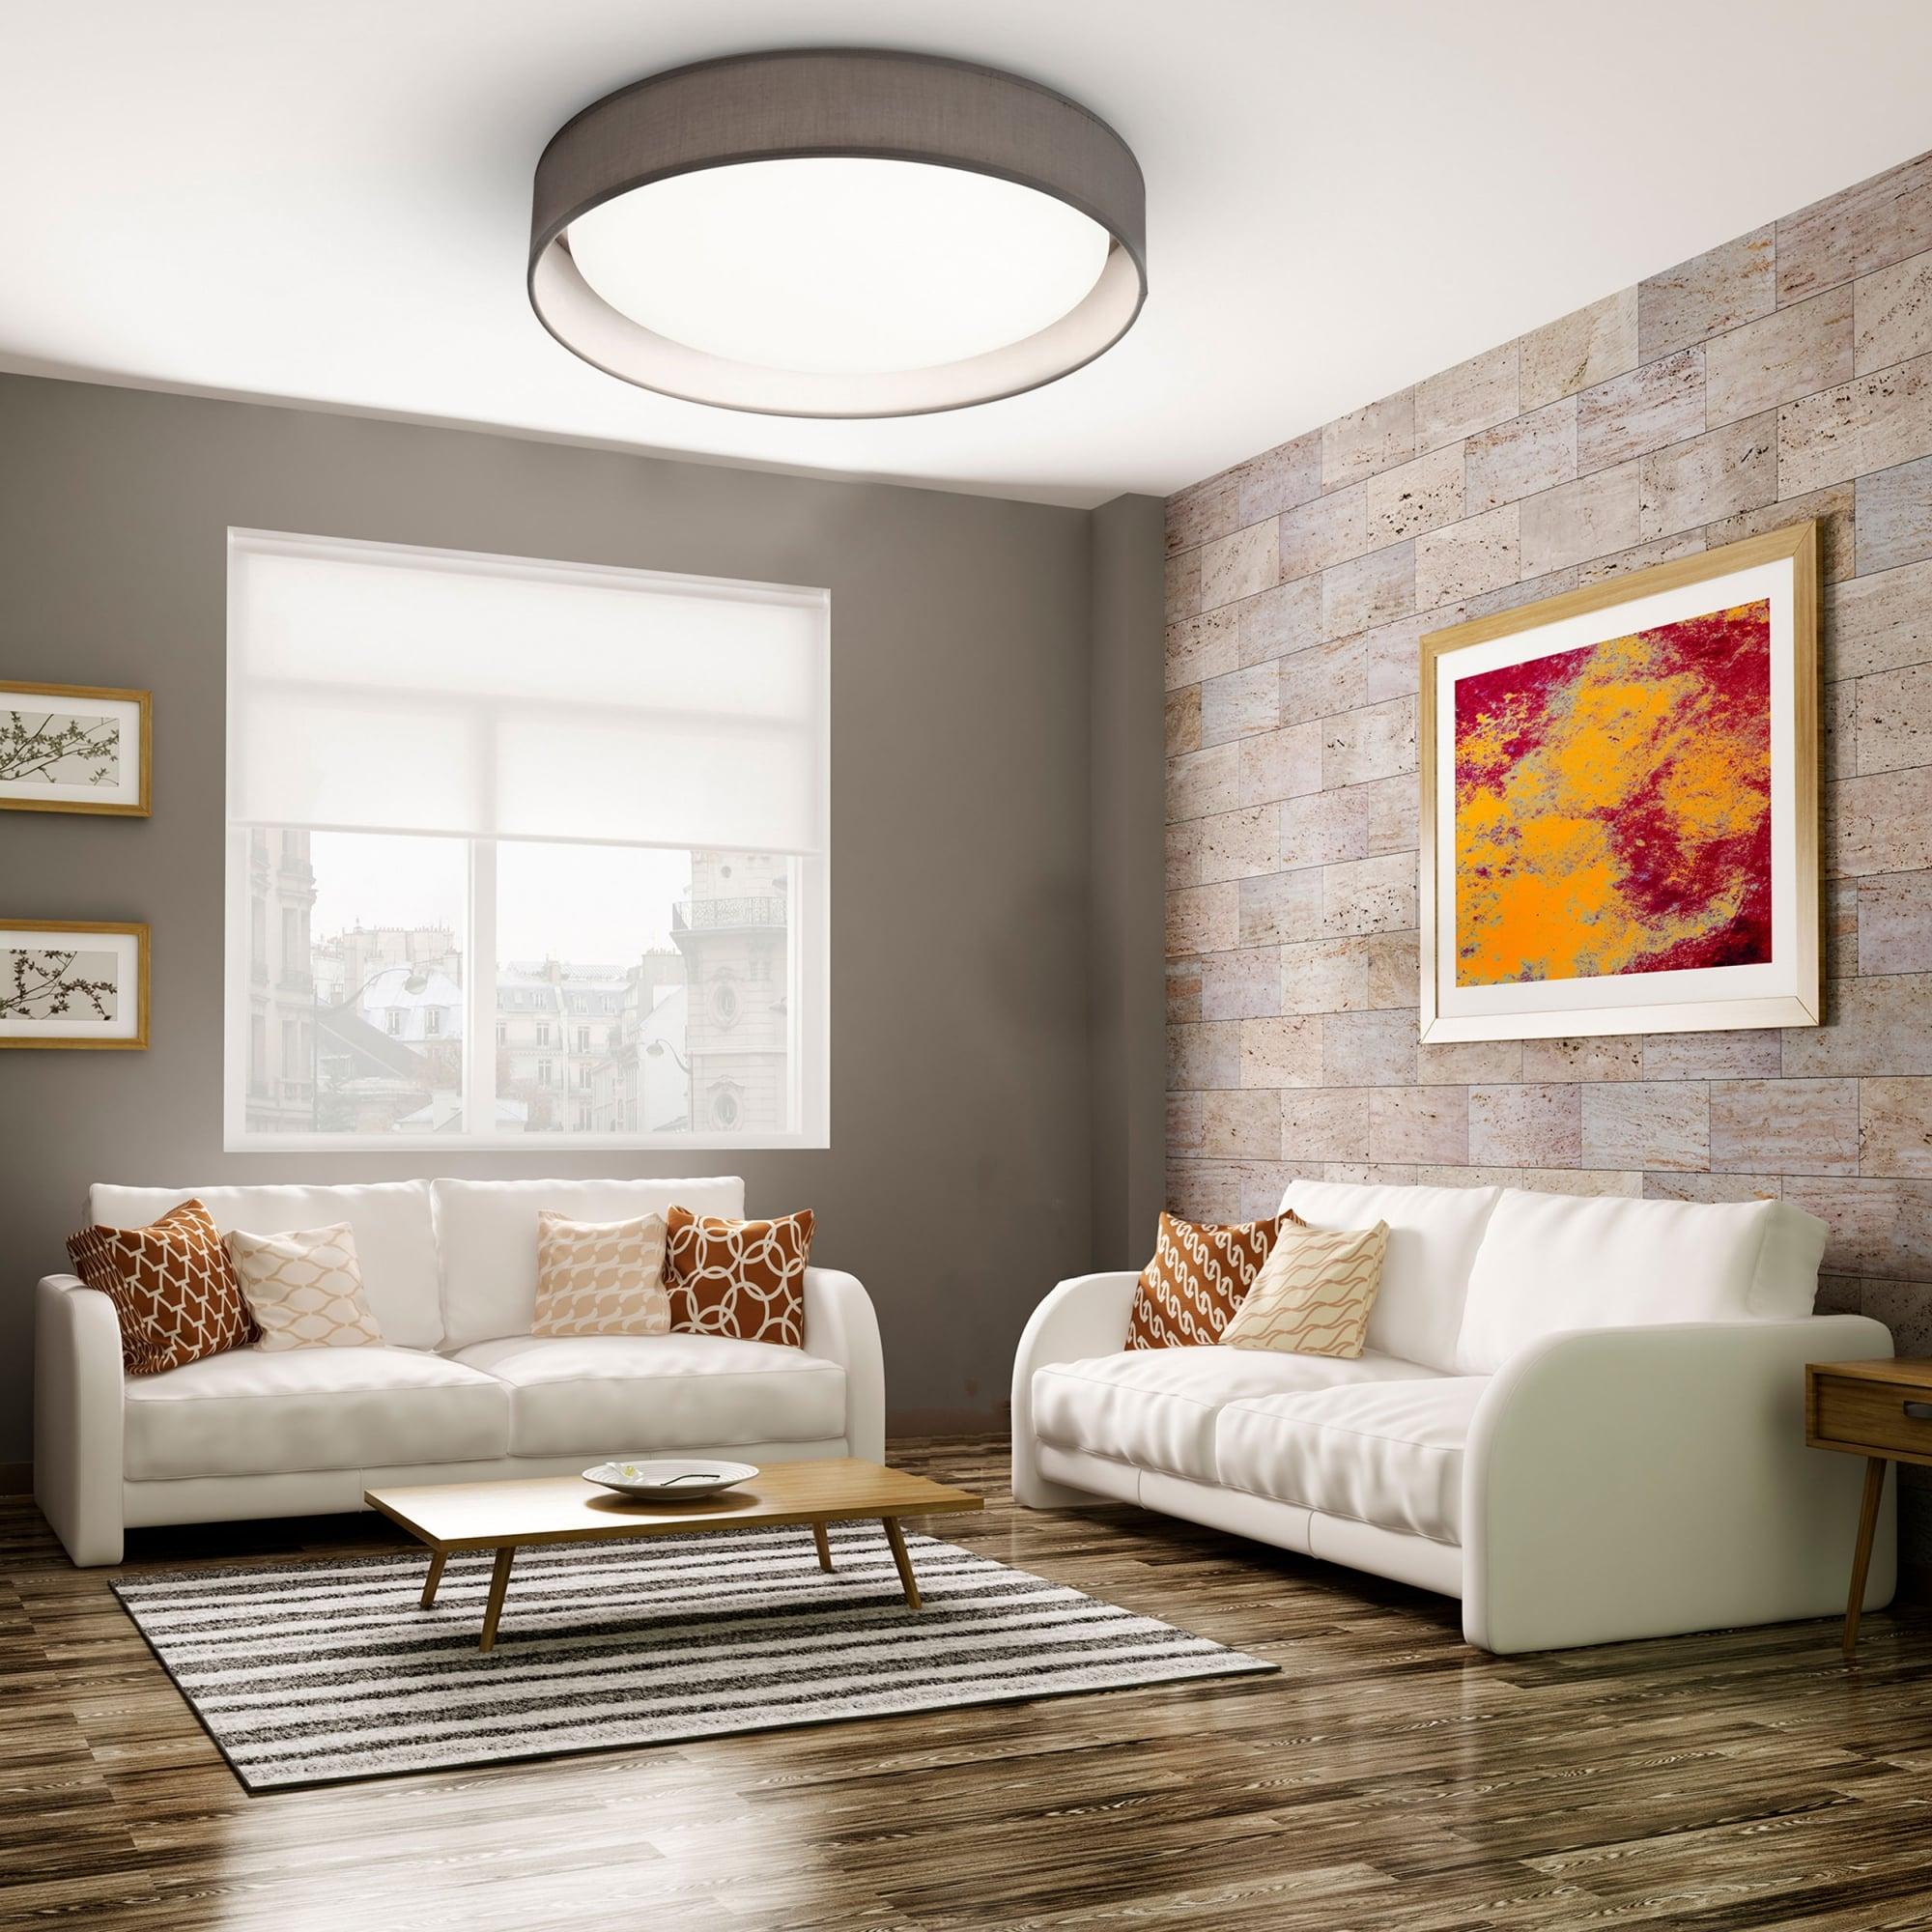 Led Flush Ceiling Light, Contemporary Living Room Ceiling Lights Uk